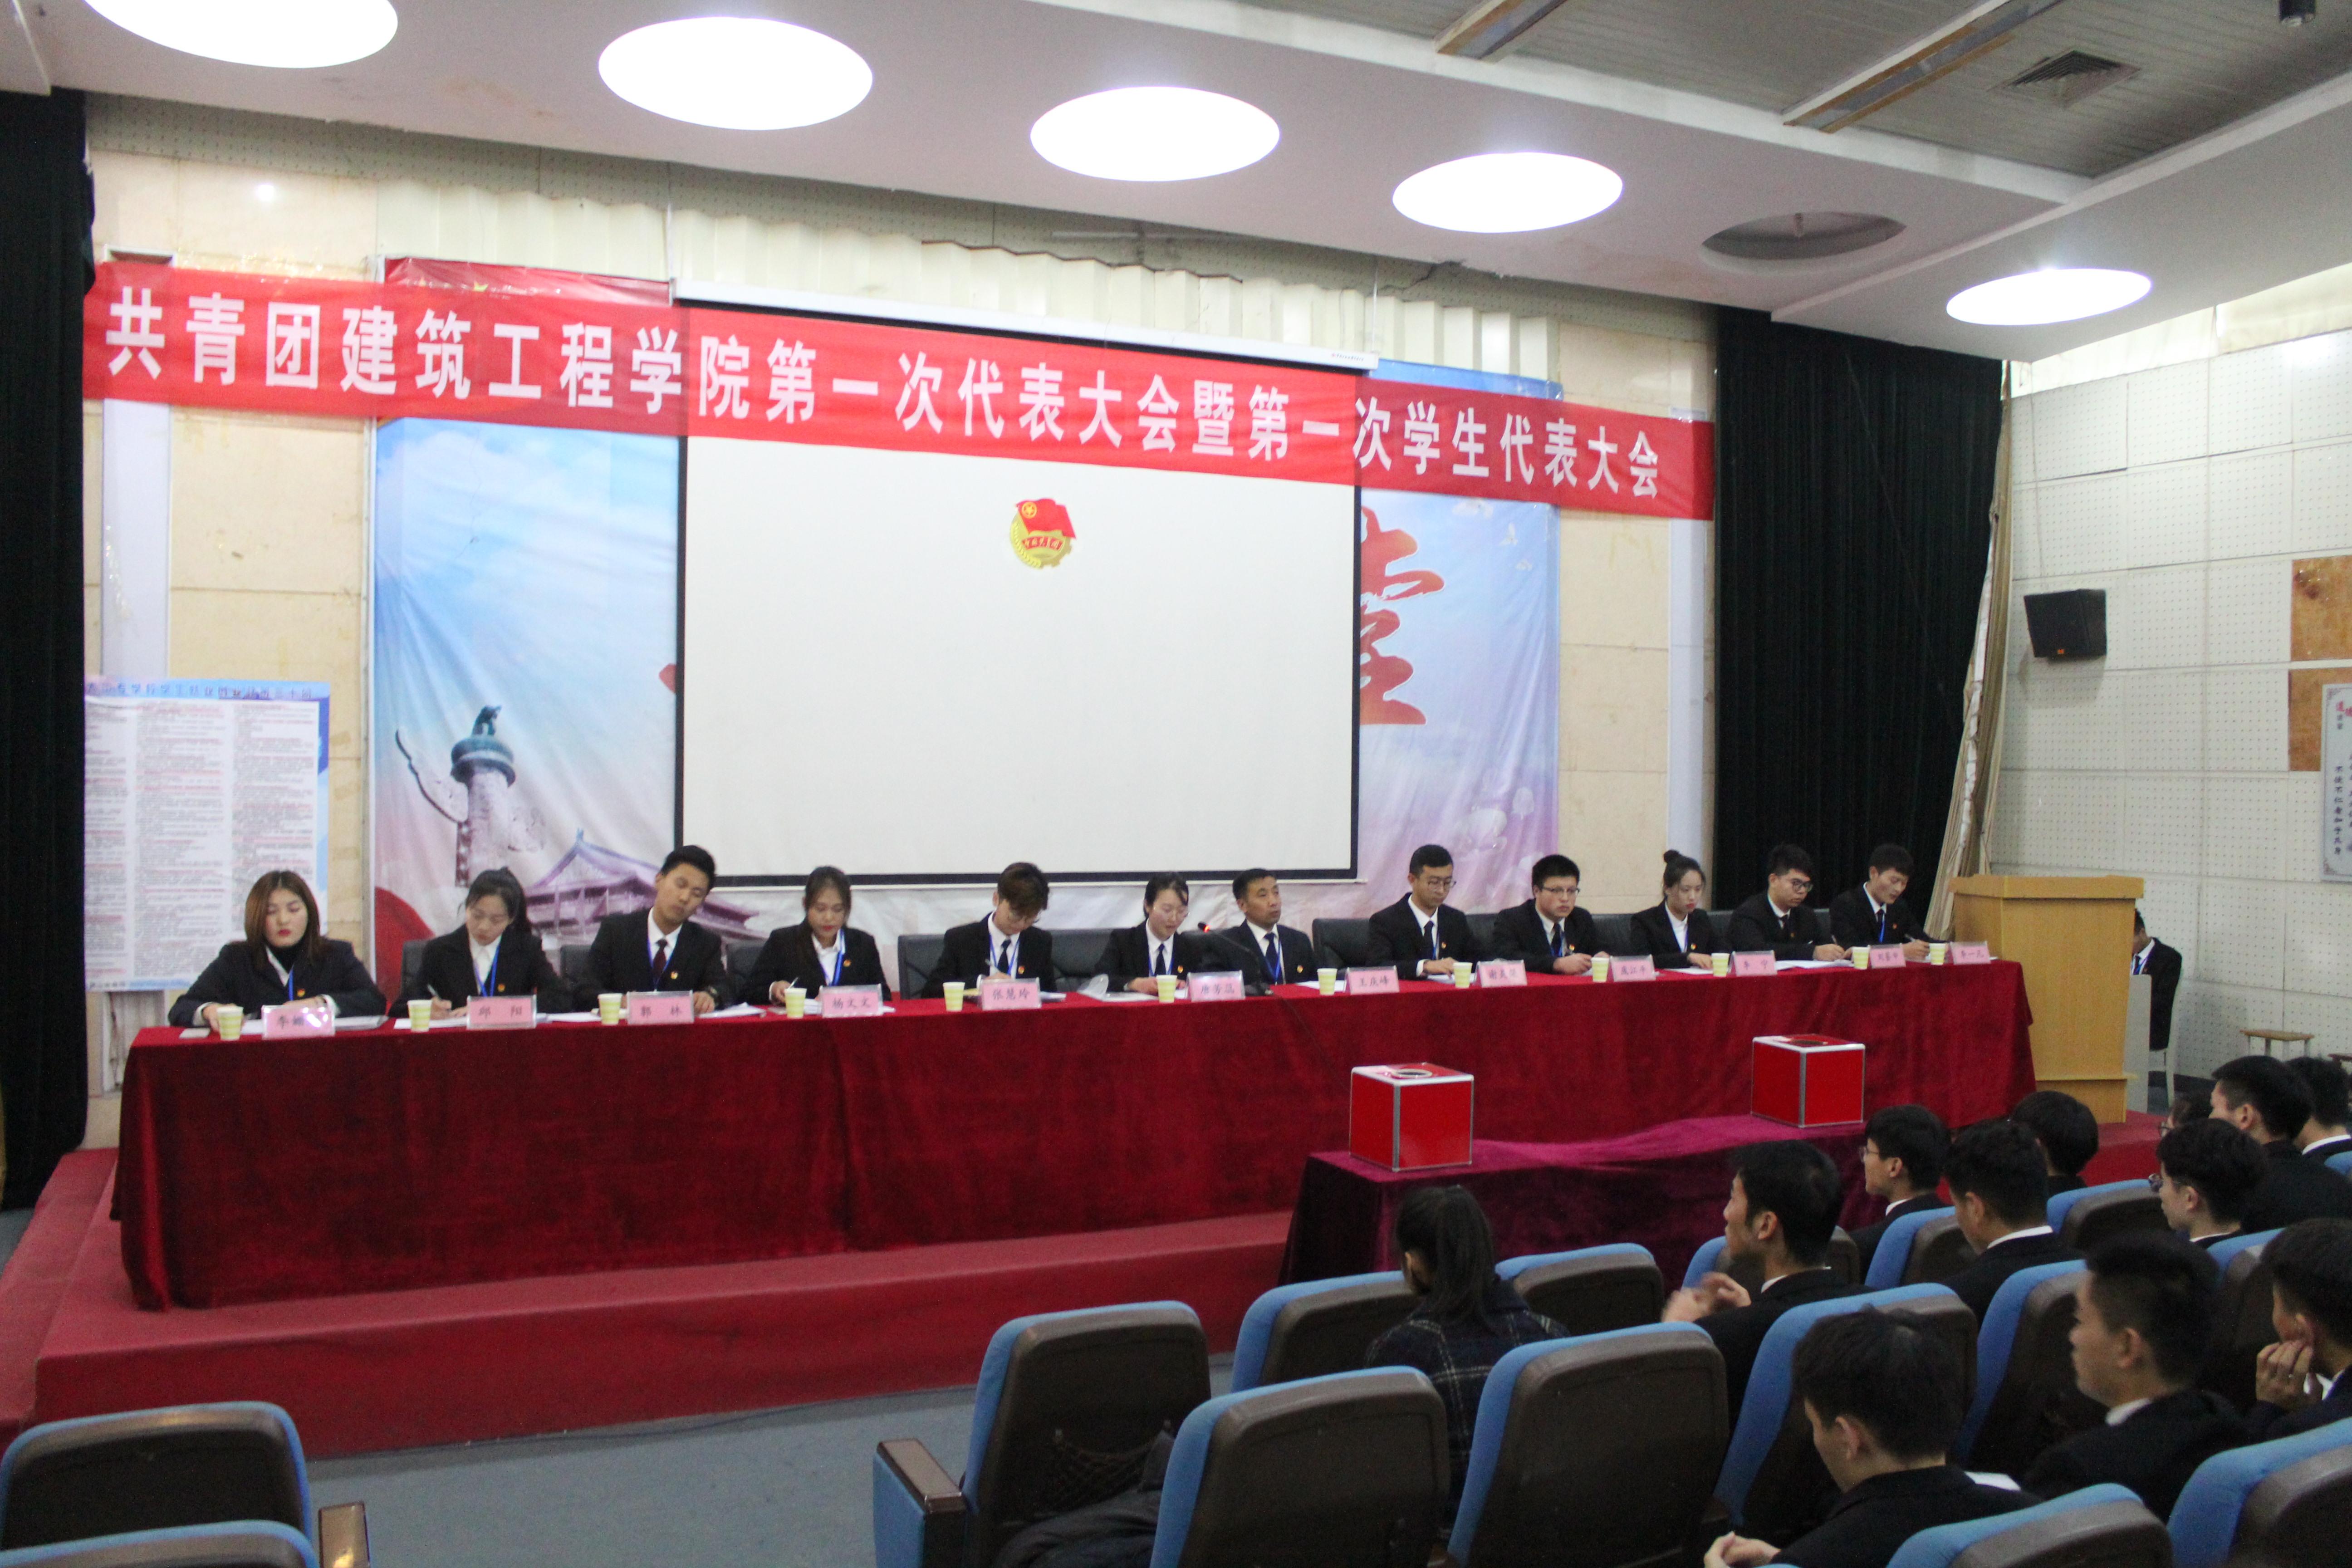 共青团建筑工程学院第一次代表大会暨第一次学生代表大会成功召开